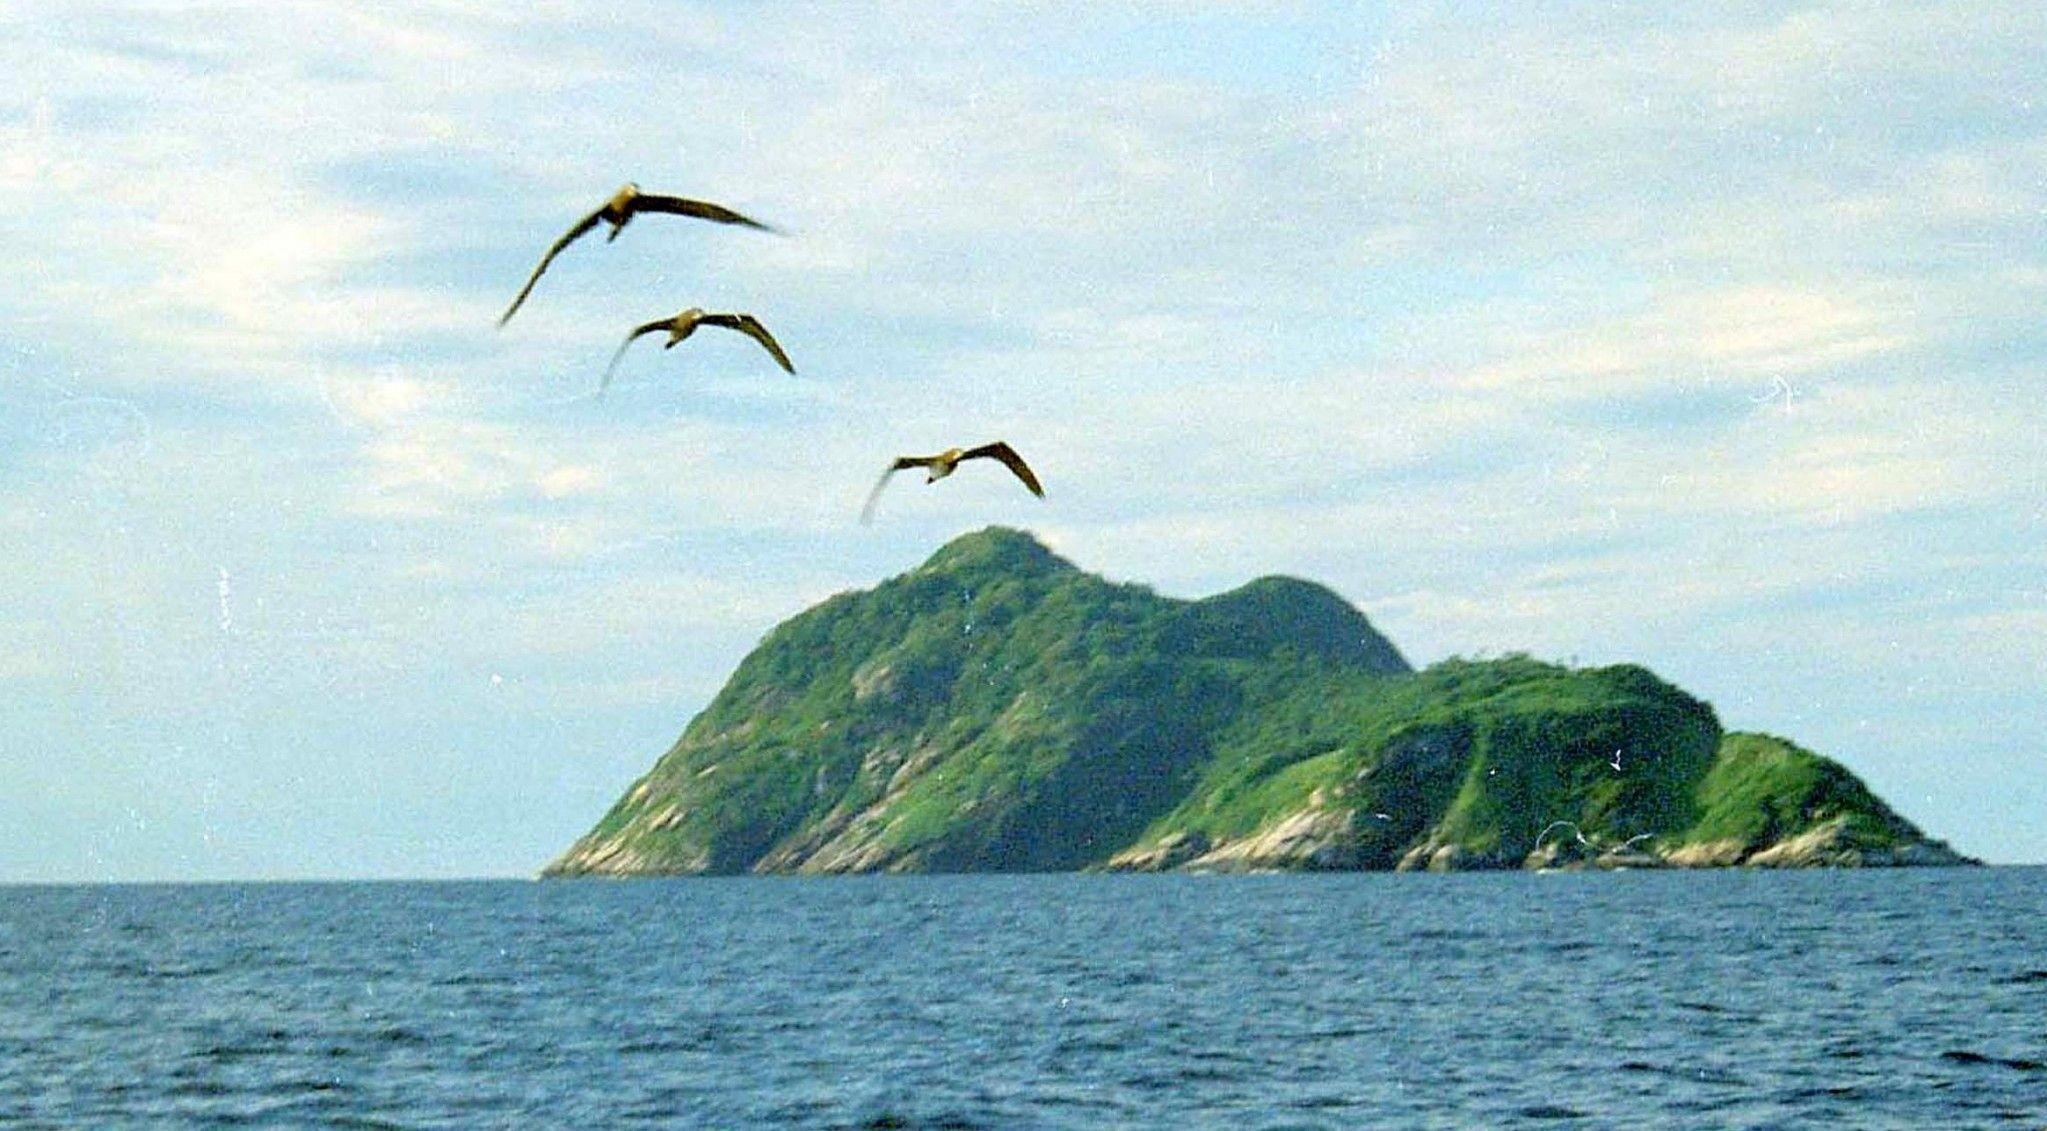 På øya Ilha de Queimada Grande bor det 4000 ekstremt giftige slanger.